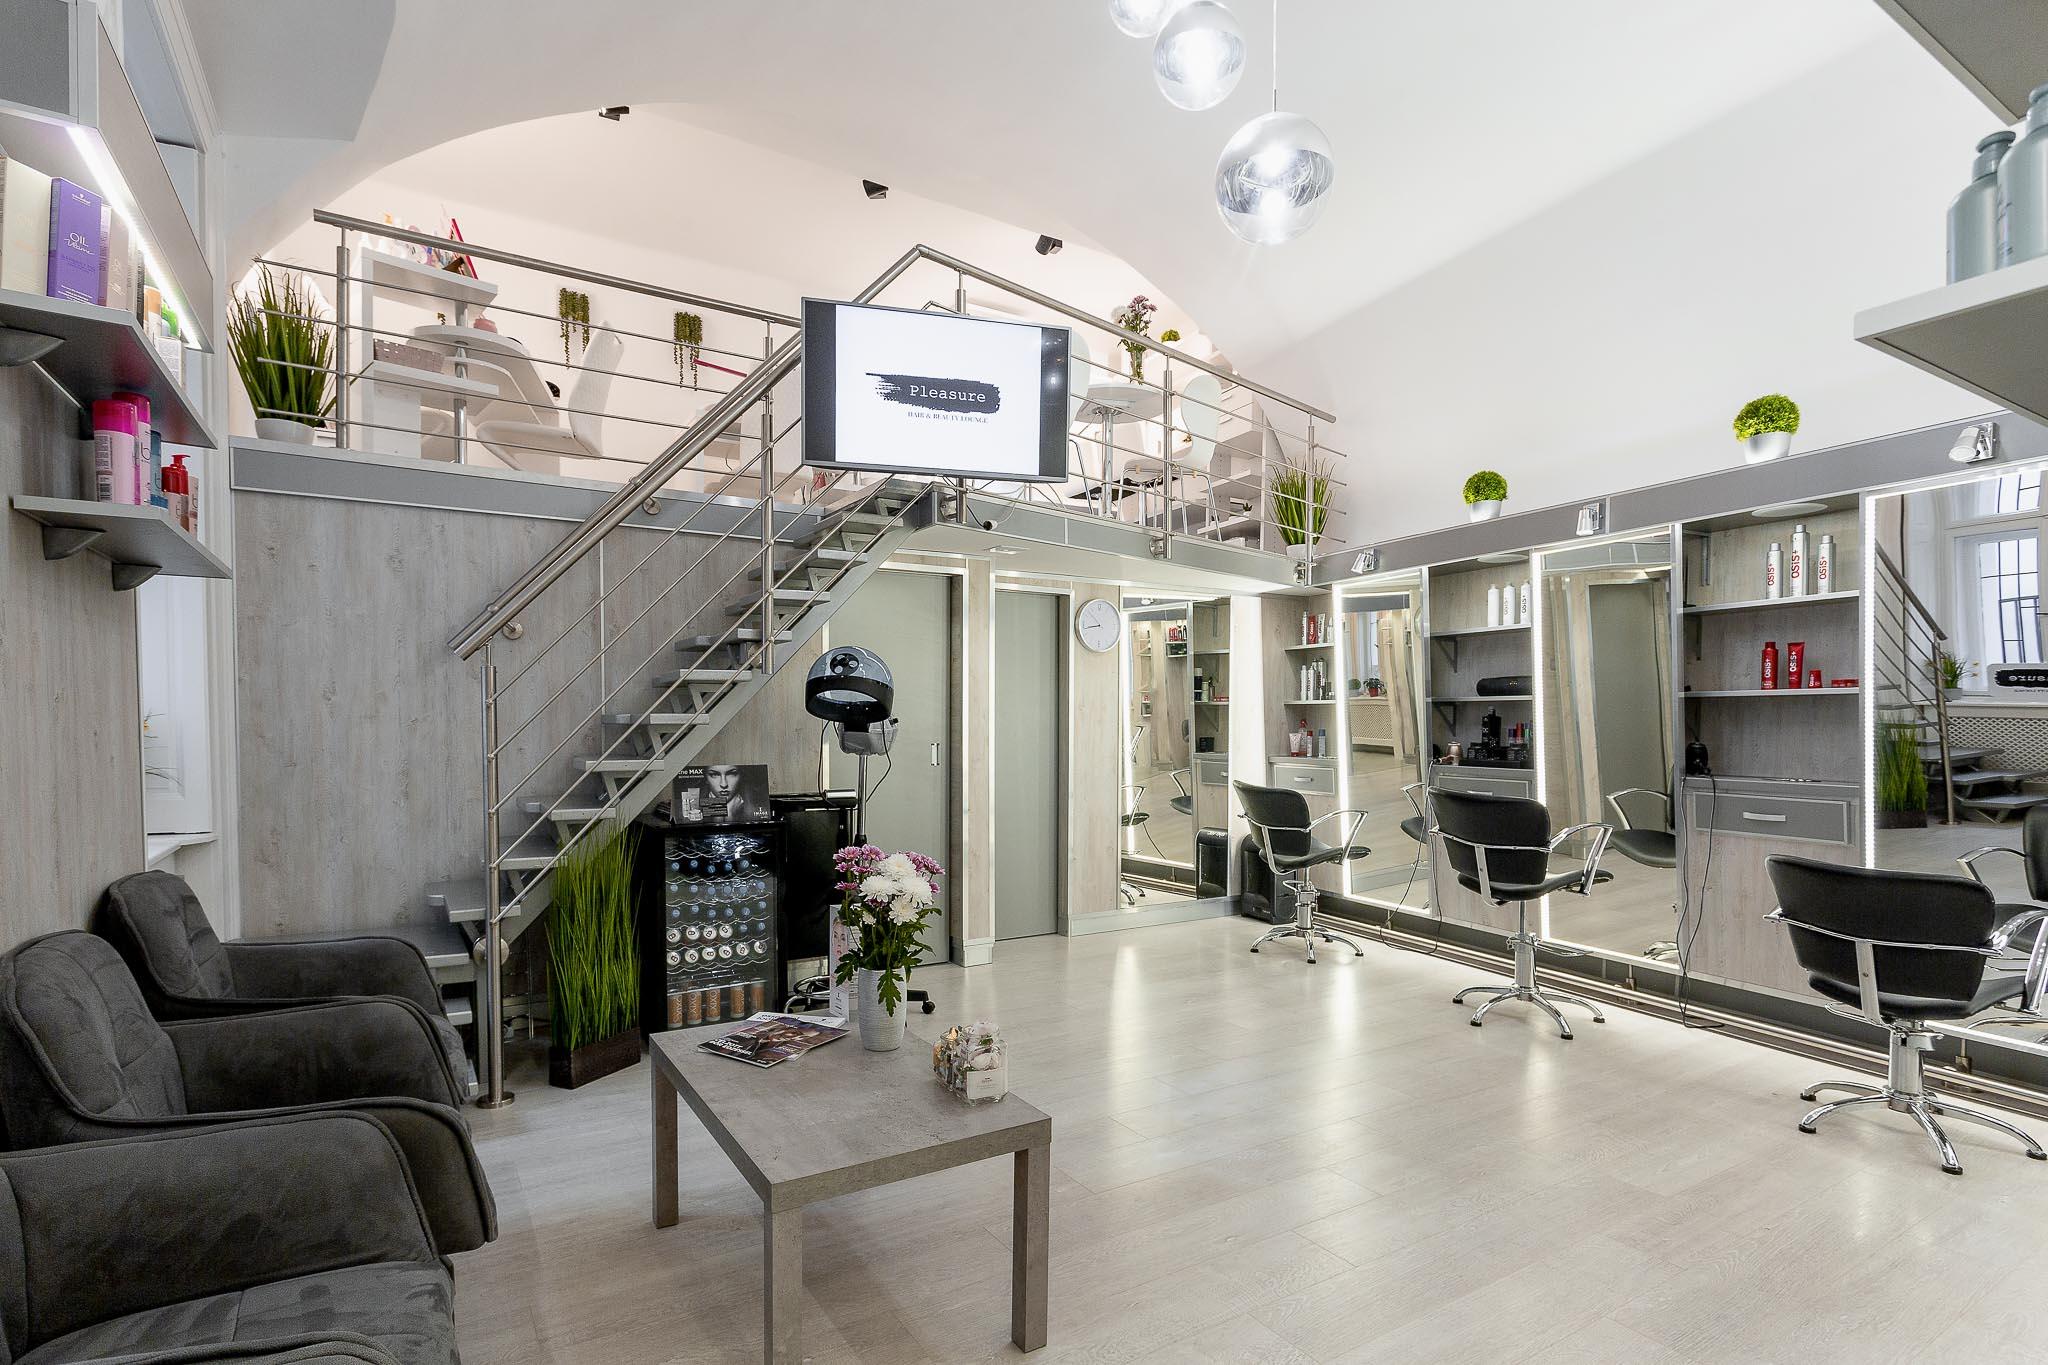 Pleasure Hair & Beauty Lounge - Kozmetika, Smink, Kézápolás, Lábápolás, Fodrászat